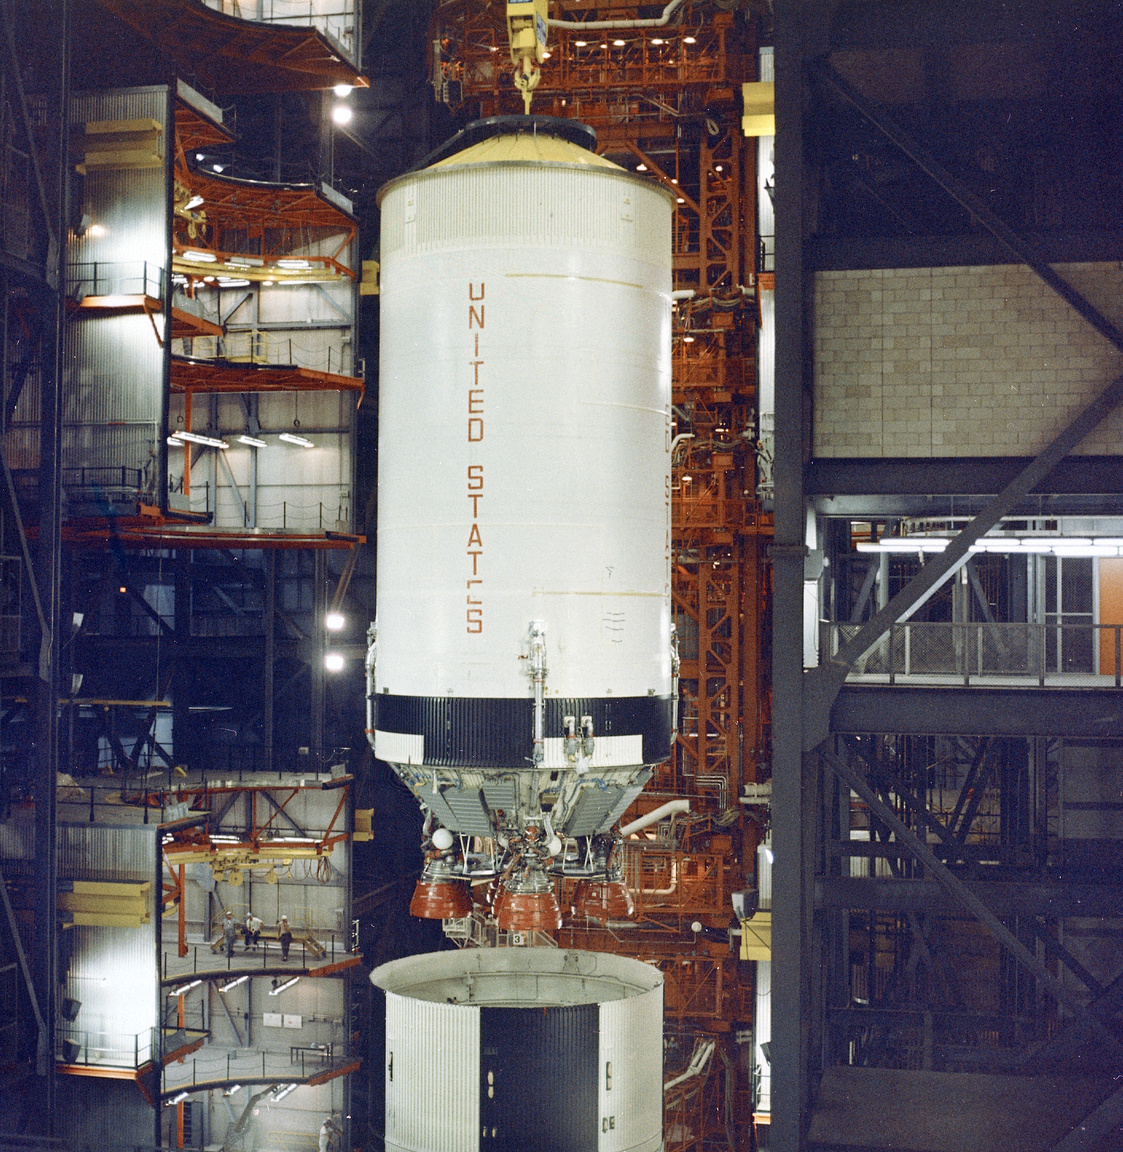 Az Apollo-4 összeszerelésével egy időben zajlott az Apollo-6, a második ember nélküli Saturn-V-ös küldetés rakétájának összeszerelése a Kennedy űrközpont rakétaösszeszerelő-csarnokában (Vehicle Assembly Building, VAB). A képen az látható, hogyan csatlakoztatják az első rakétafokozathoz (S-IC) a második fokozatot (S-II). (Az Apollo-6 1968. április 4-én startolt a Kennedy Űrközpontból.)